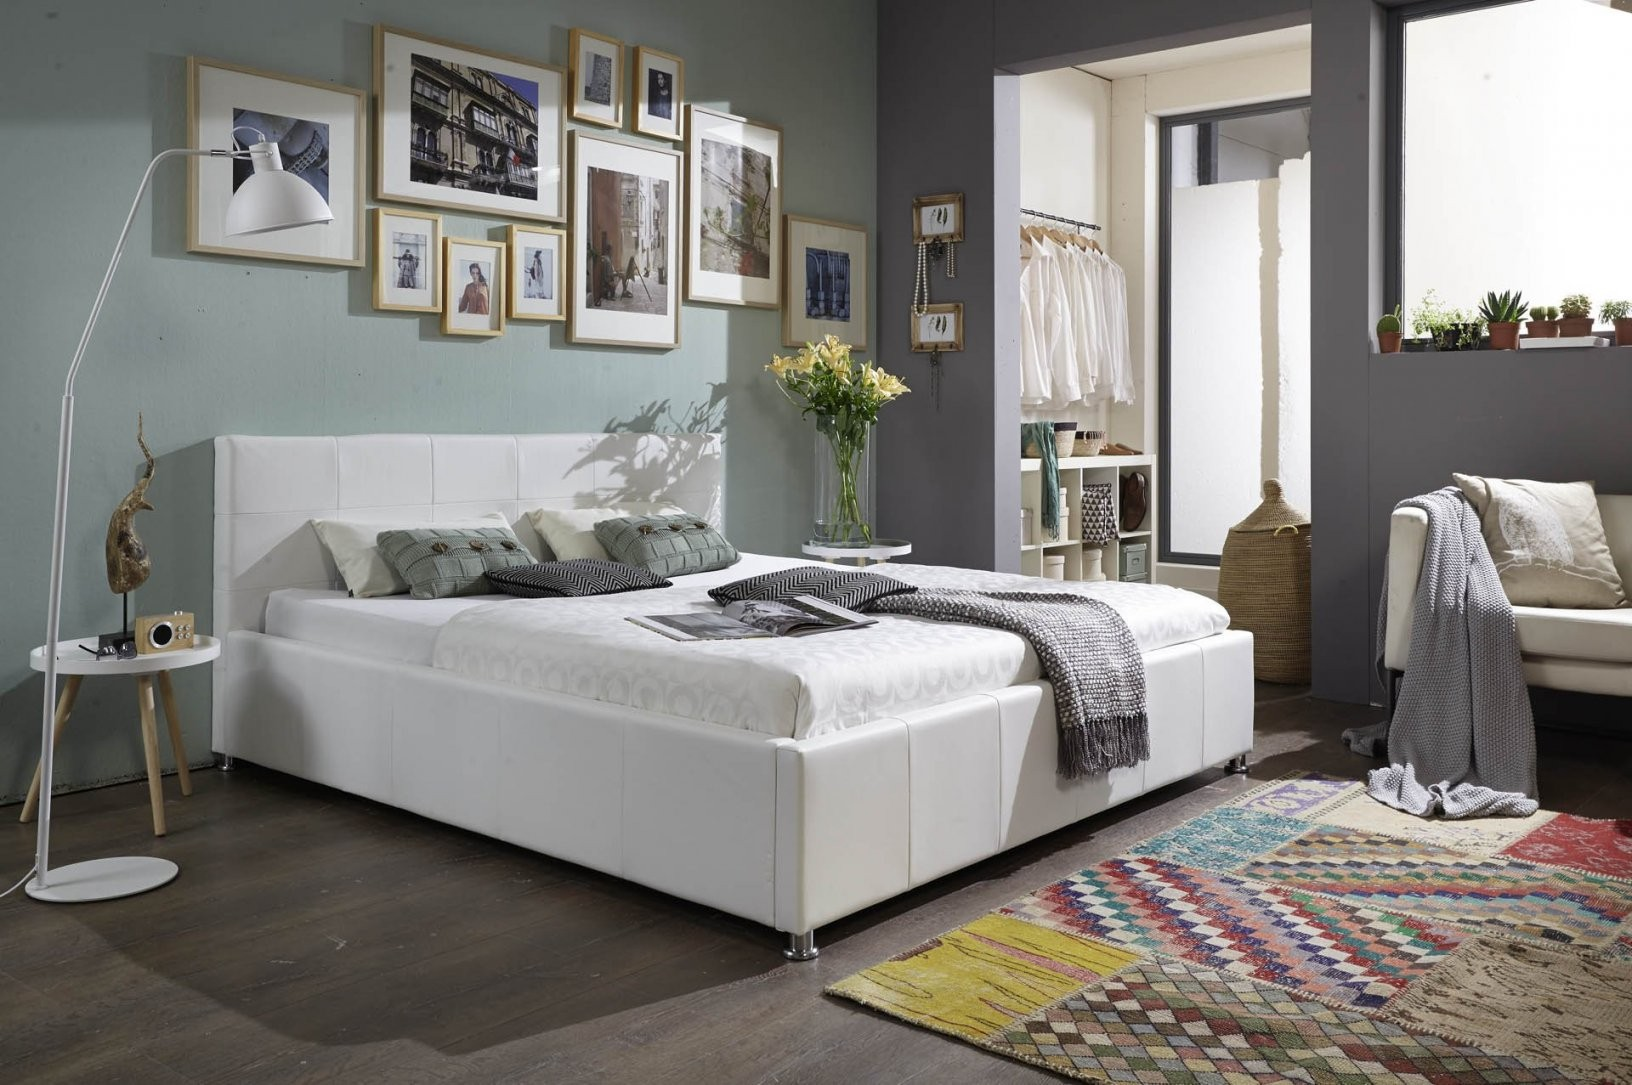 Sam® Polsterbett Weiß 180 X 200 Cm Mit Bettkasten Doppelbett Kira von Bett Mit Bettkasten 180X200 Weiß Bild